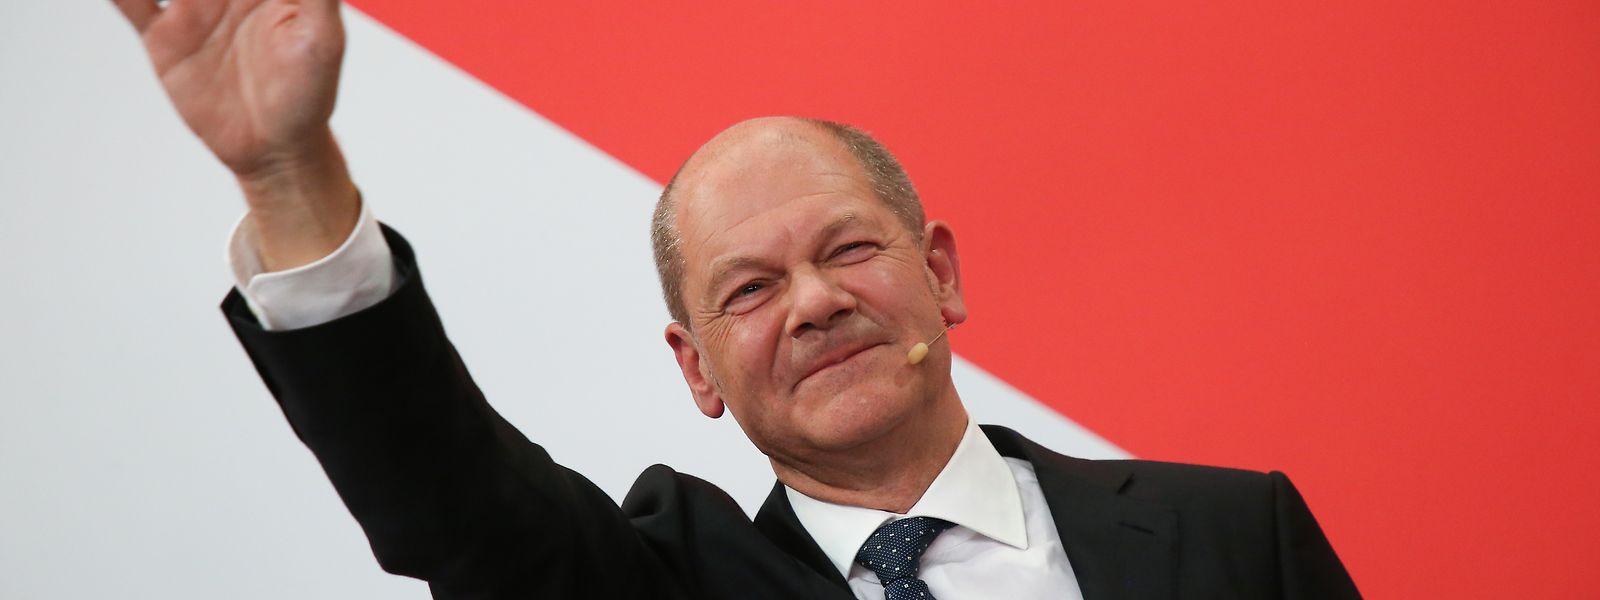 SPD-Kanzlerkandidat Olaf Scholz winkt während der Wahlparty im Willy-Brandt-Haus.